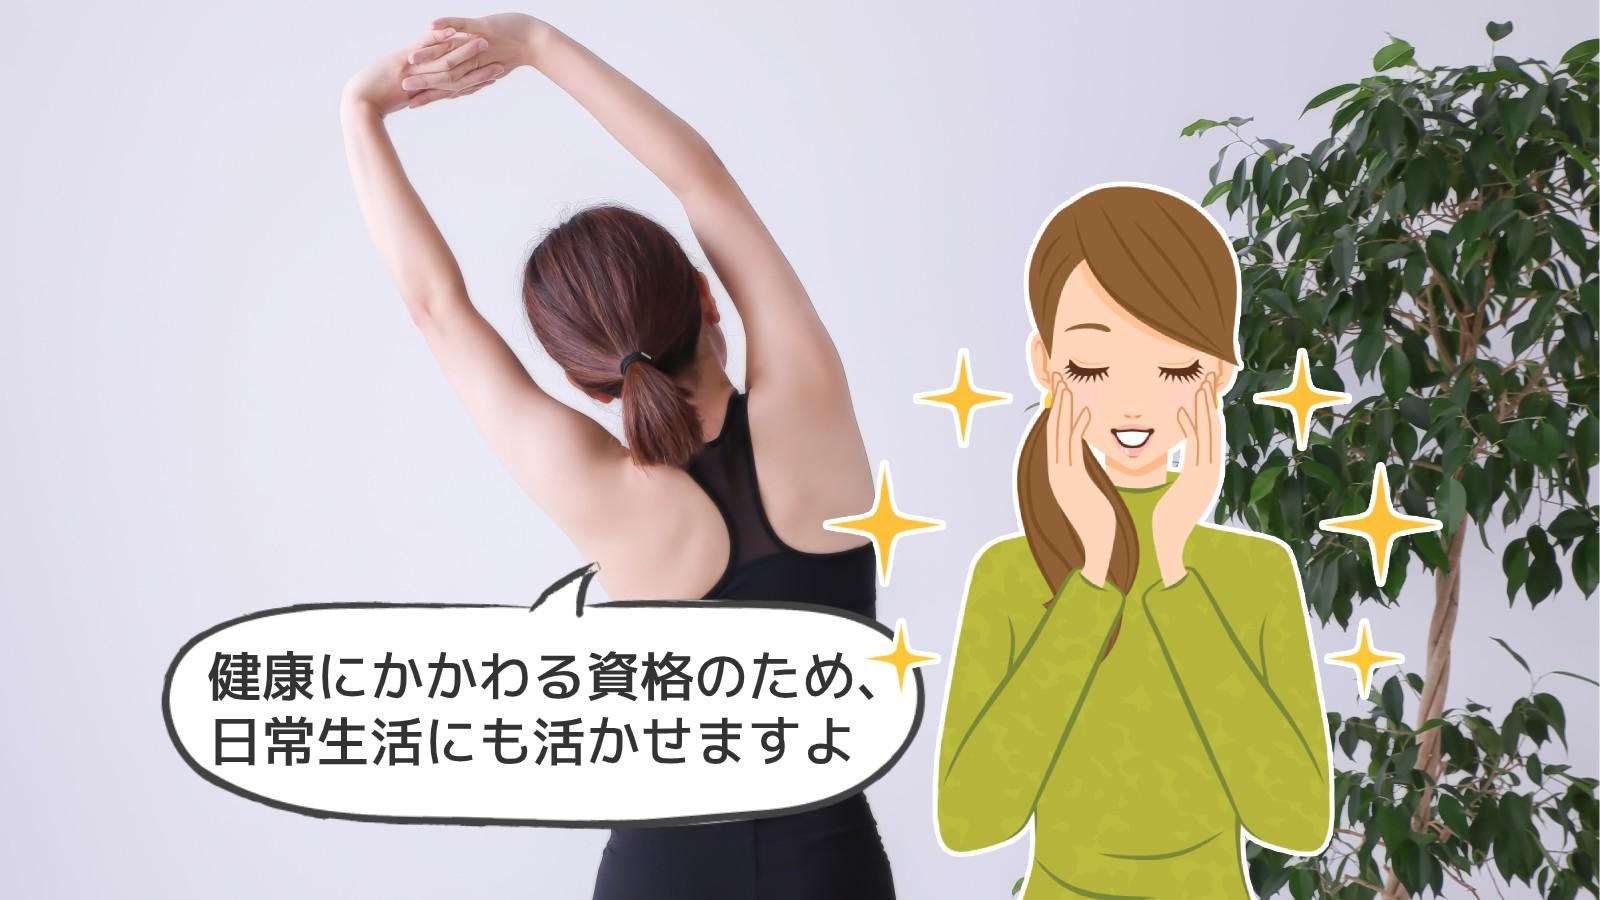 「姿勢資格」のアイキャッチ画像